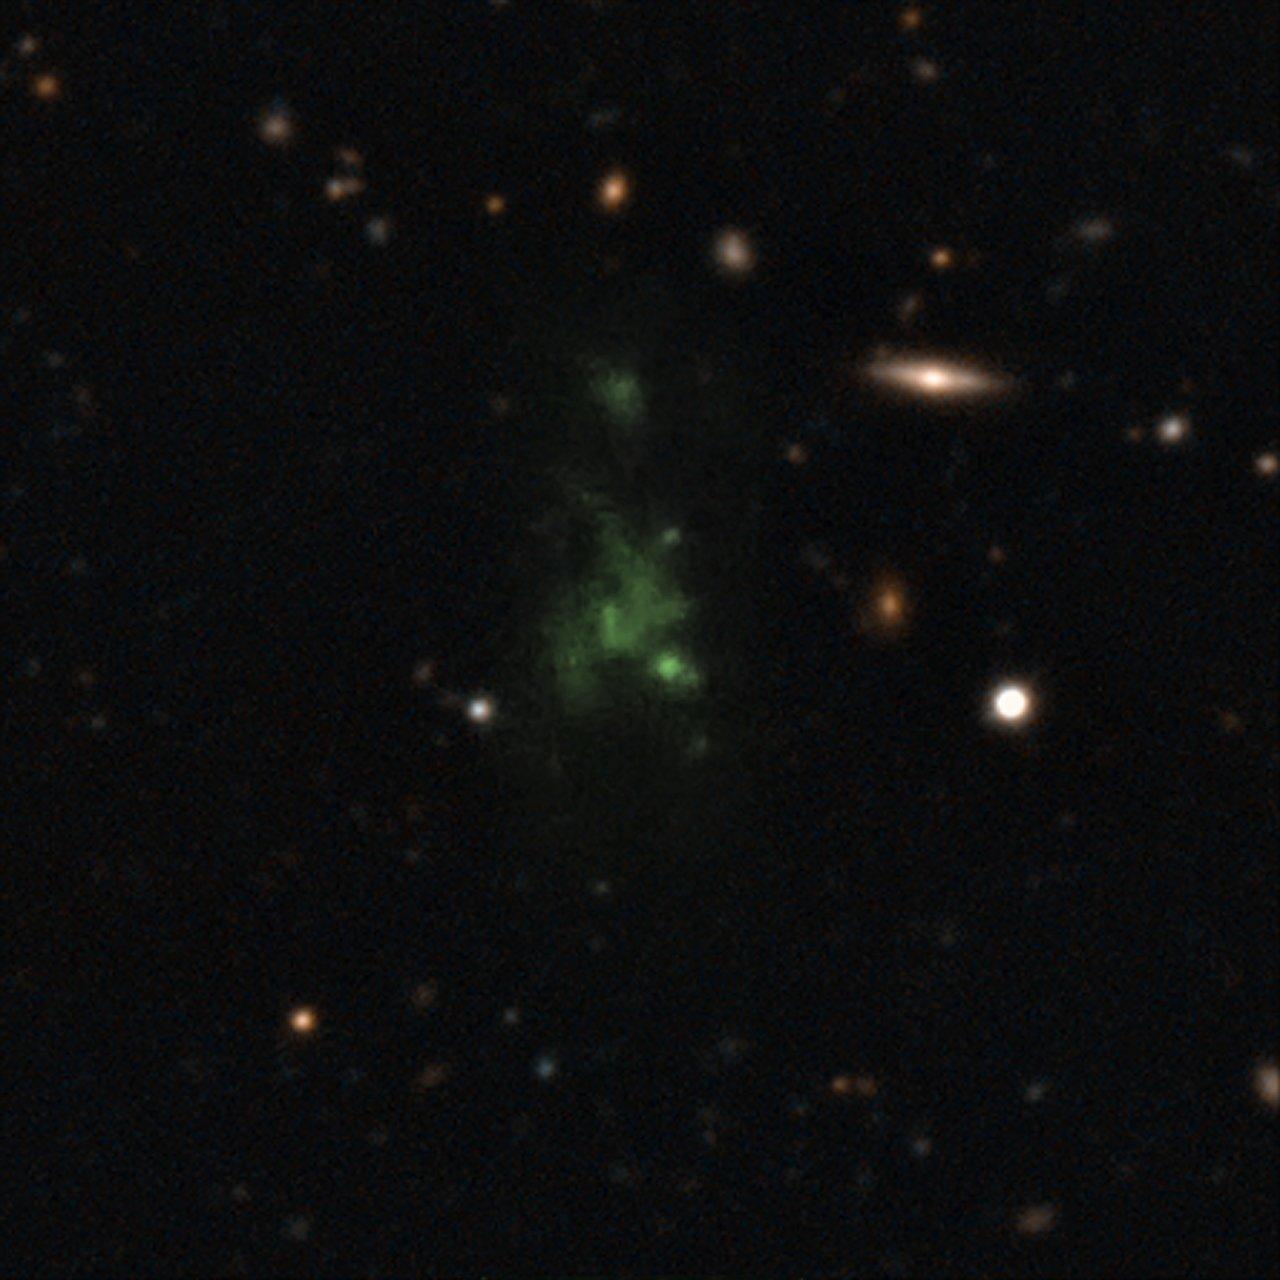 05fa1fa037 In astronomy